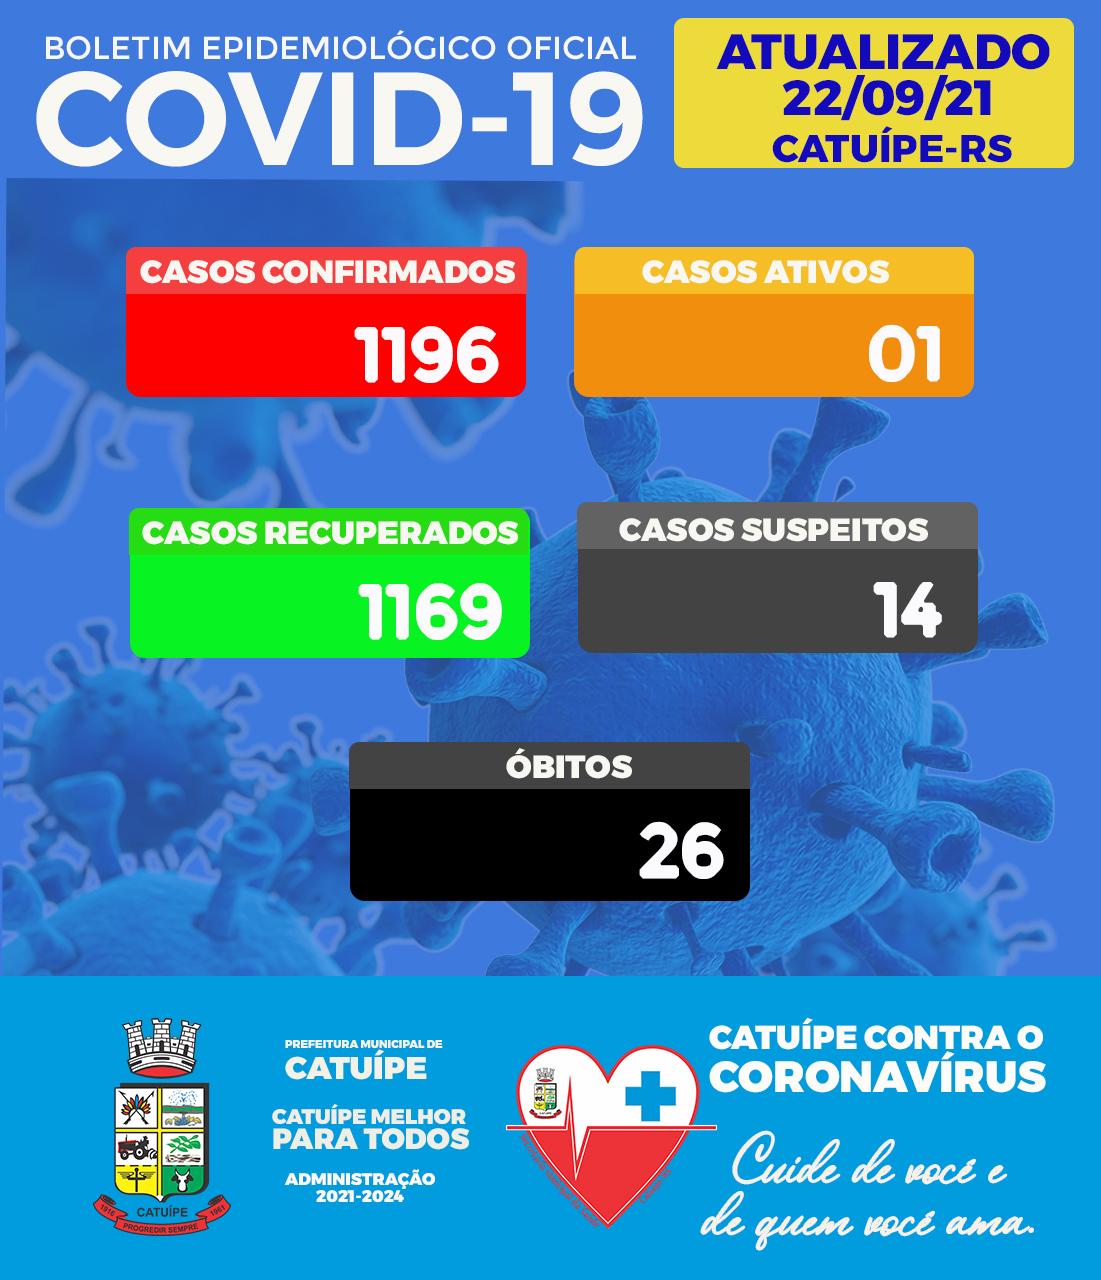 NOVO DECRETO MUNICIPAL ESTABELECE OBRIGATORIEDADE DE COMPROVAR A VACINAÇÃO CONTRA A COVID-19 PARA ACESSO E PERMANÊNCIA EM LOCAIS DE USO COLETIVO